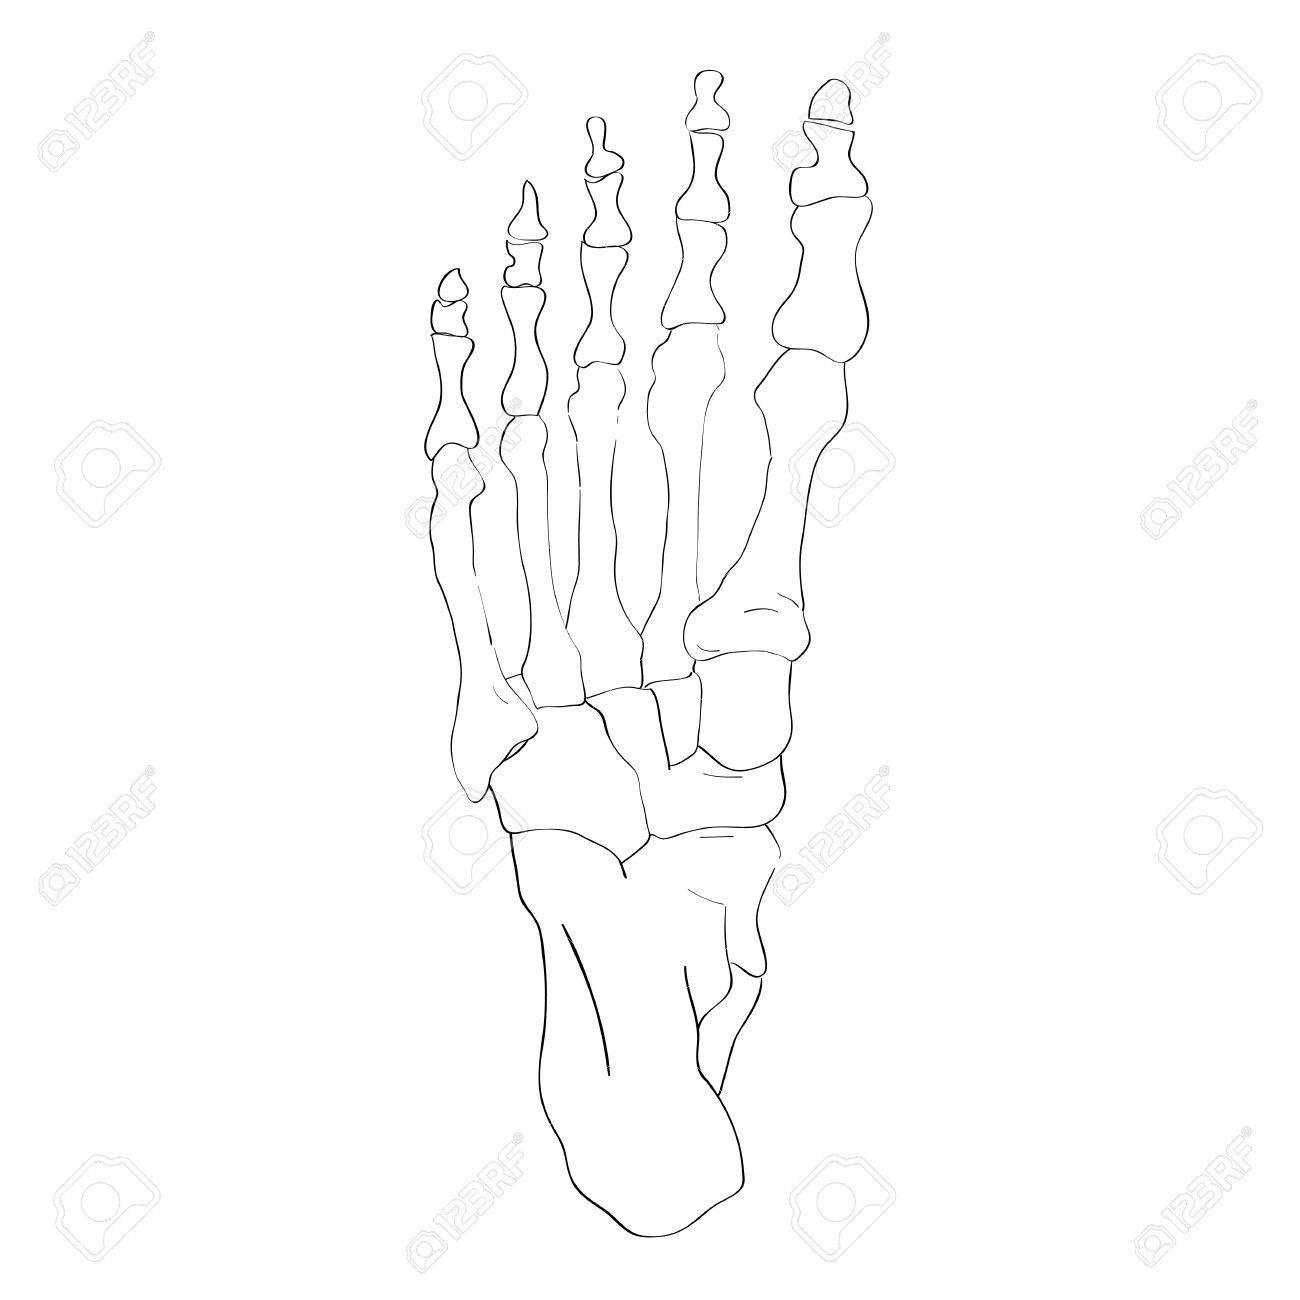 Dorable Gráfico De Anatomía ósea Humana Modelo - Imágenes de ...